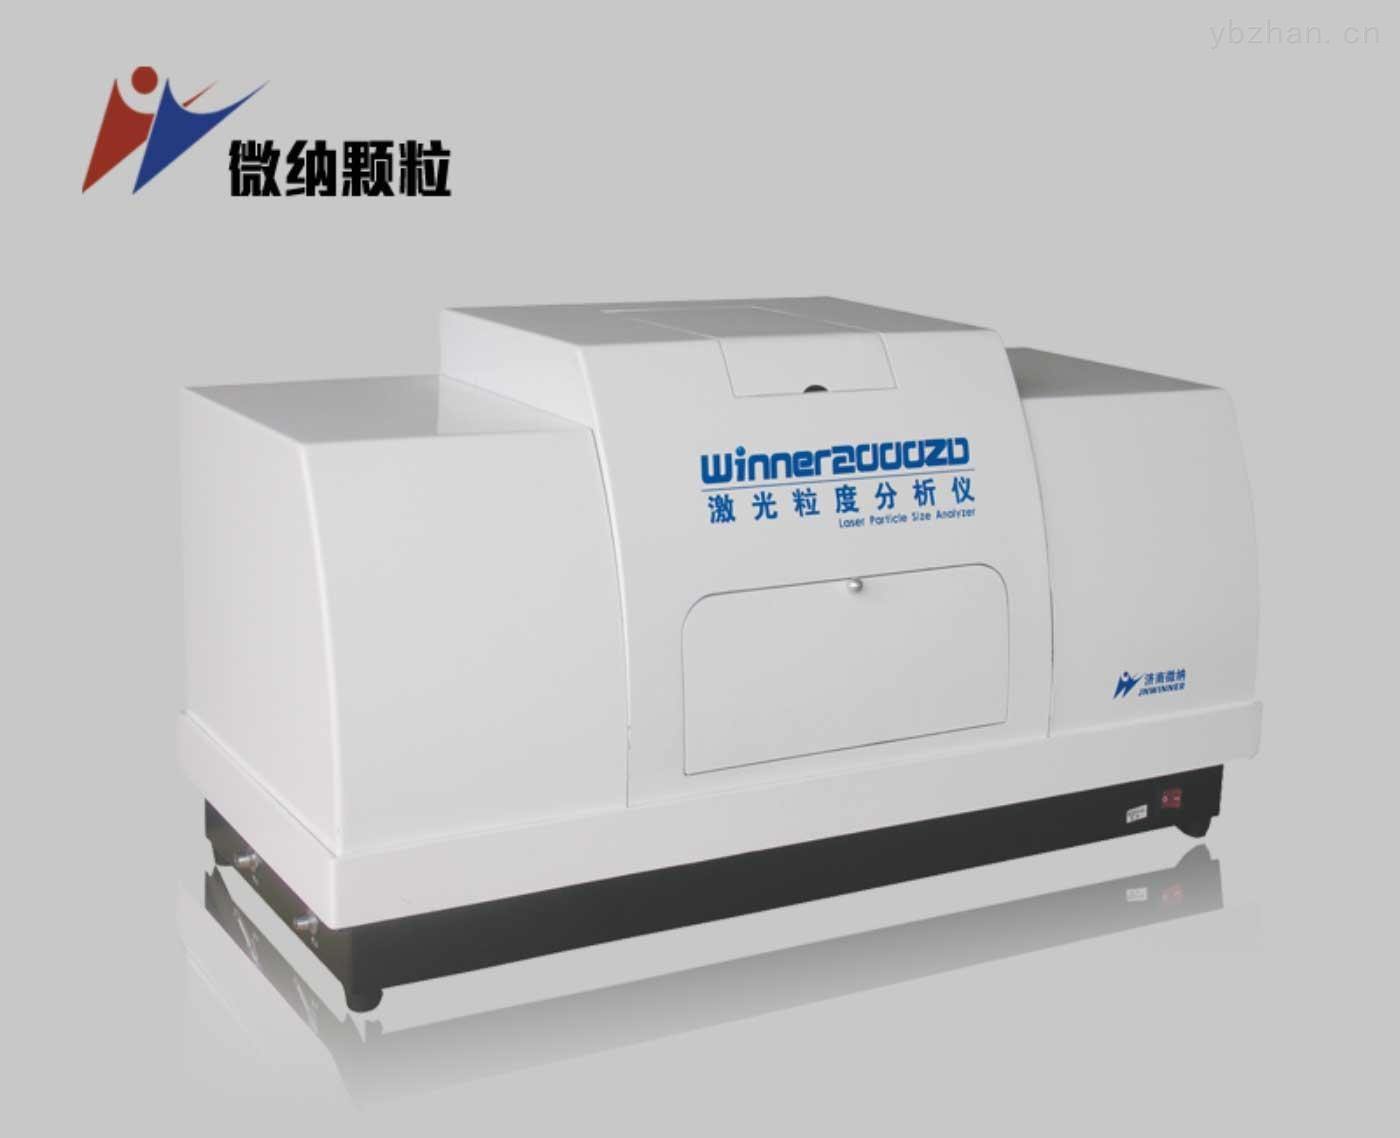 湖南娄底/邵阳微纳湿法台式激光粒度分析仪2000B厂家直销价格优惠